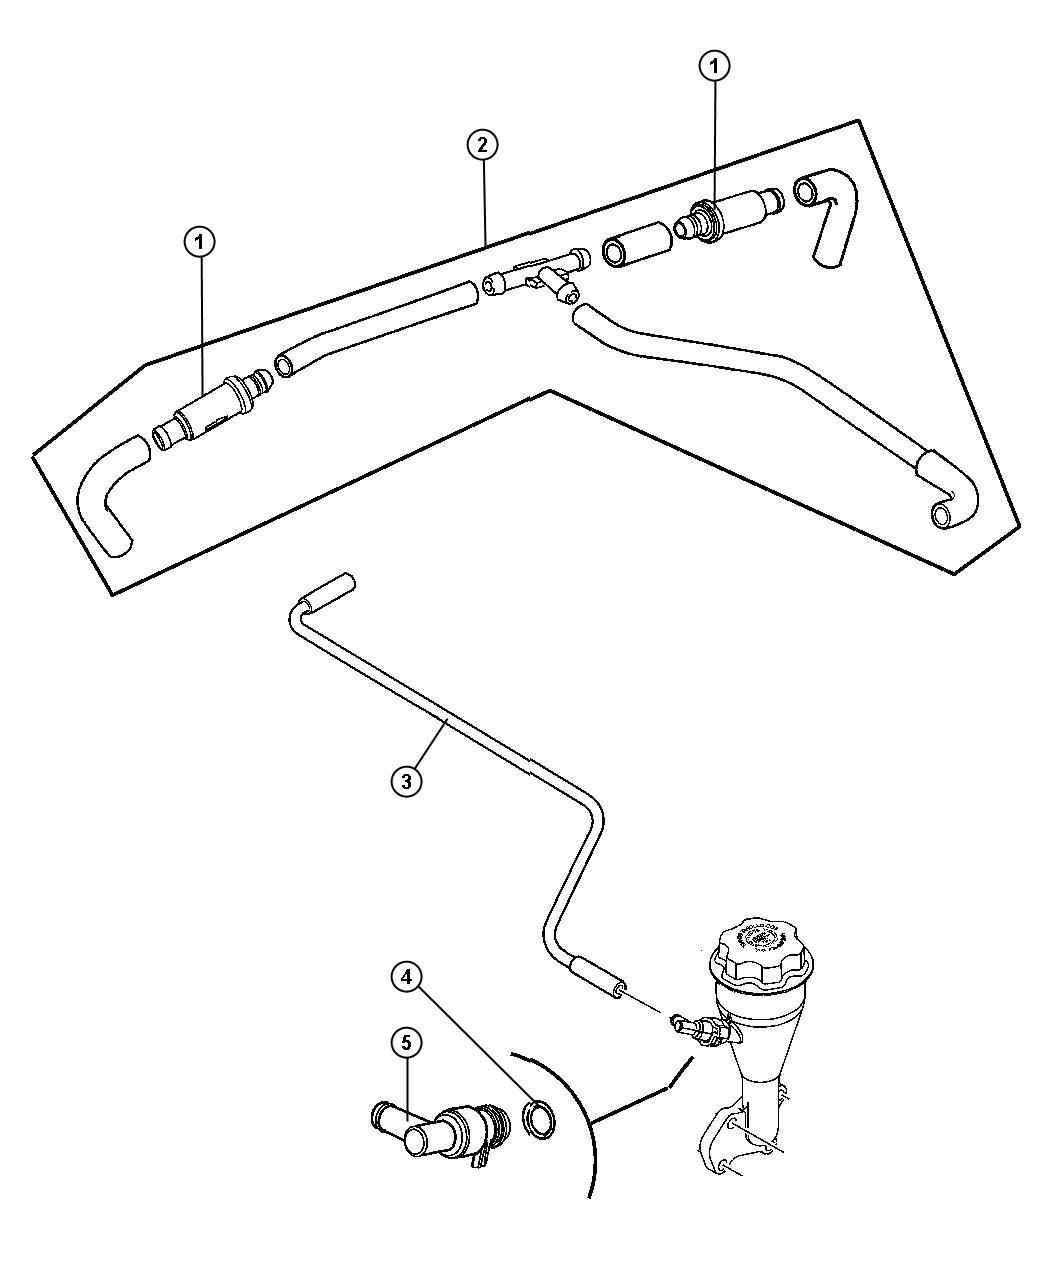 Dodge 4 7 engine parts diagram dodge wiring diagrams instructions rh ww1 ww w freeautoresponder co 2001 dodge durango 4 7 engine diagram 2001 dodge durango